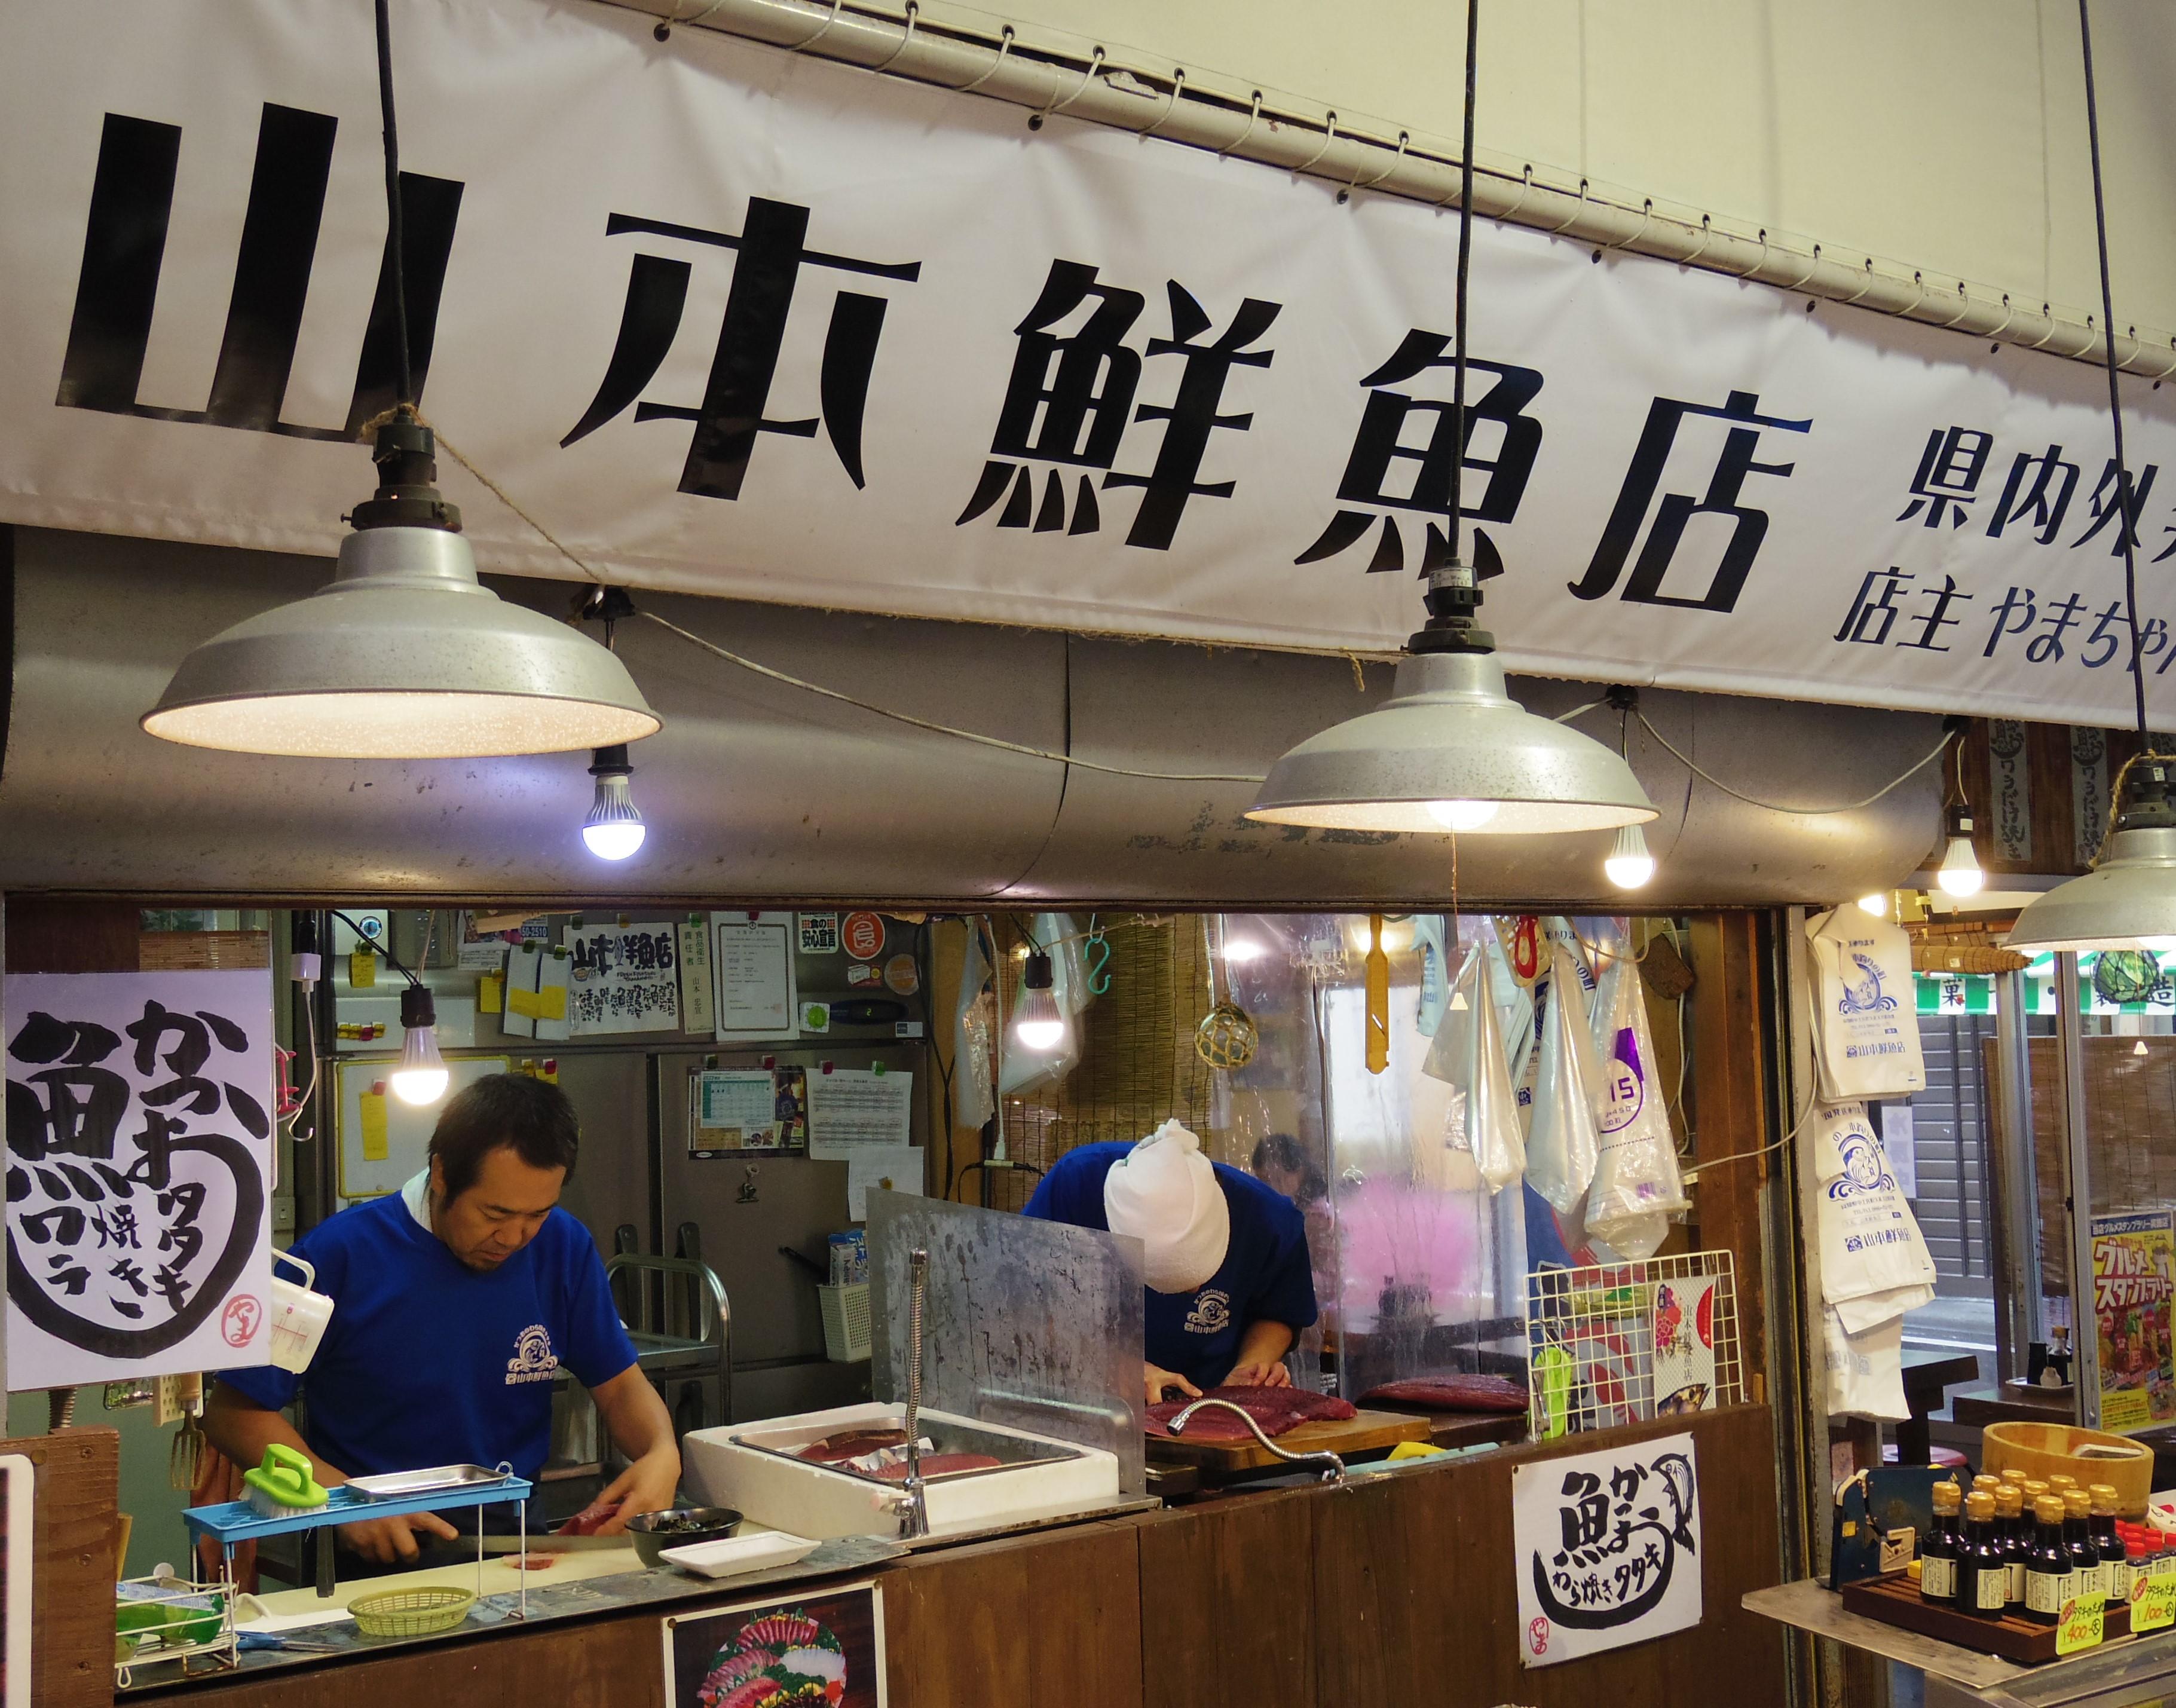 山本鮮魚店藁焼きタタキ 外観 中土佐町久